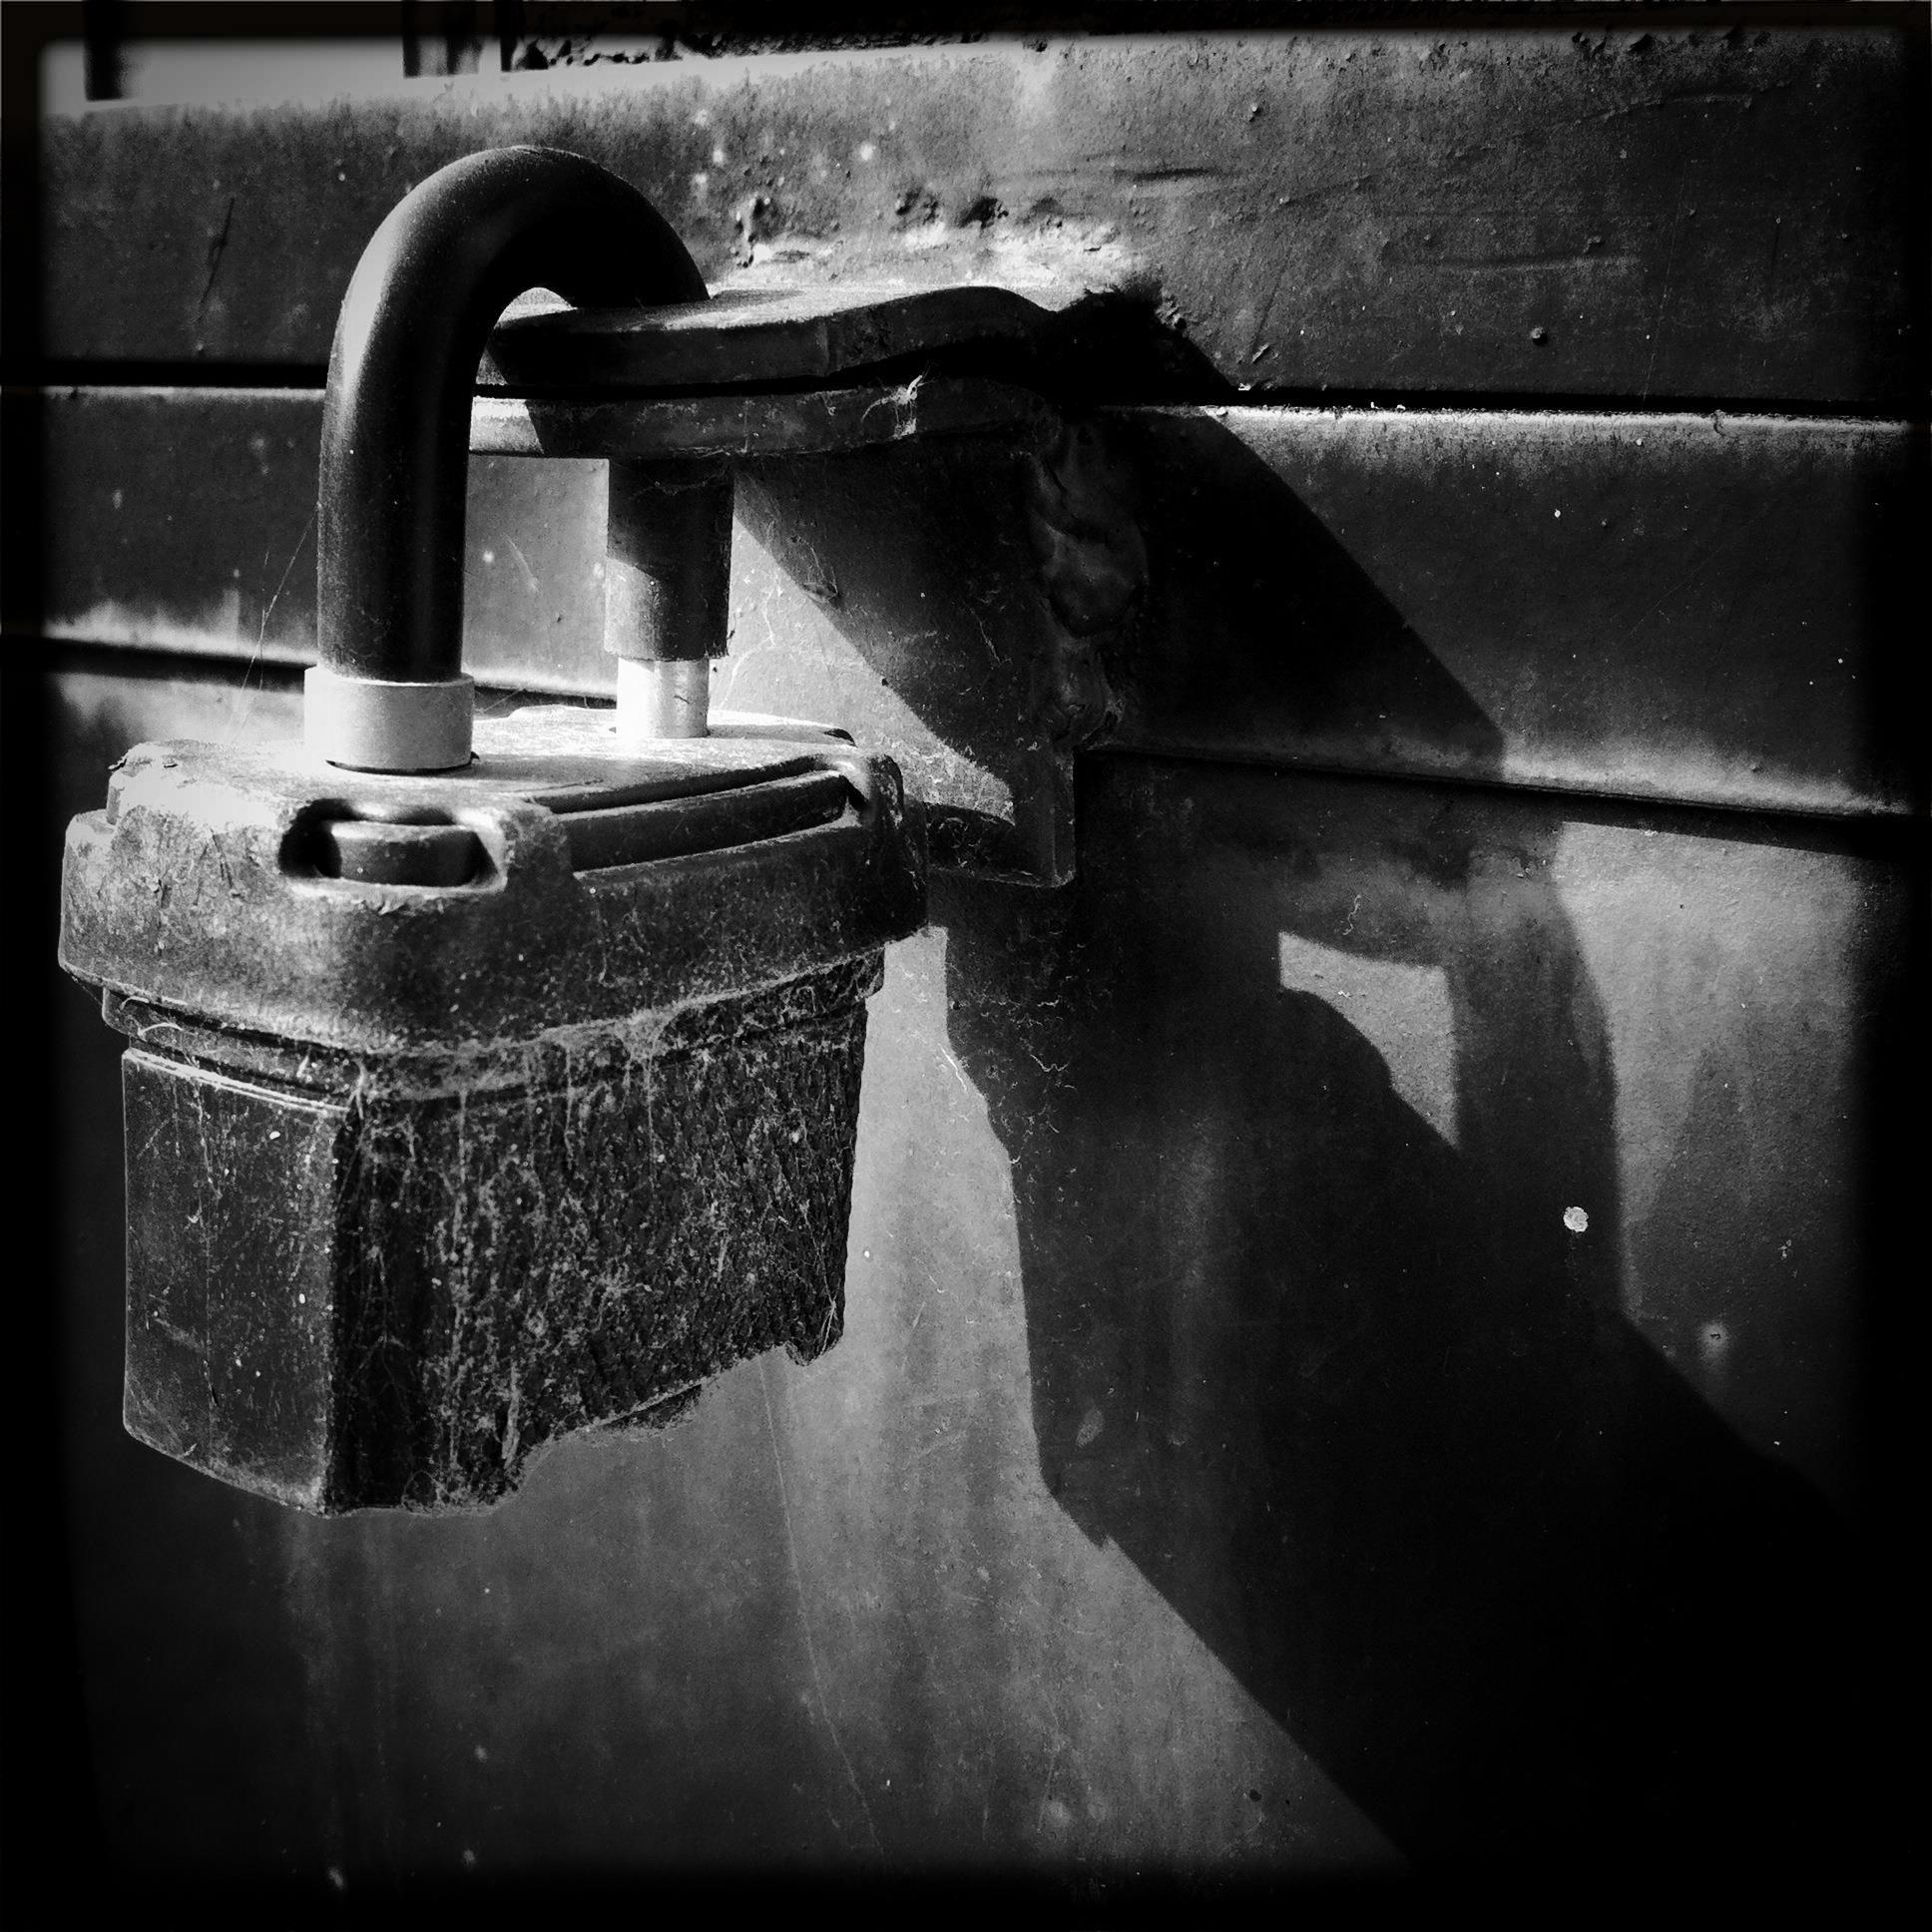 Locked Locksmith, Iphone photos, Margate